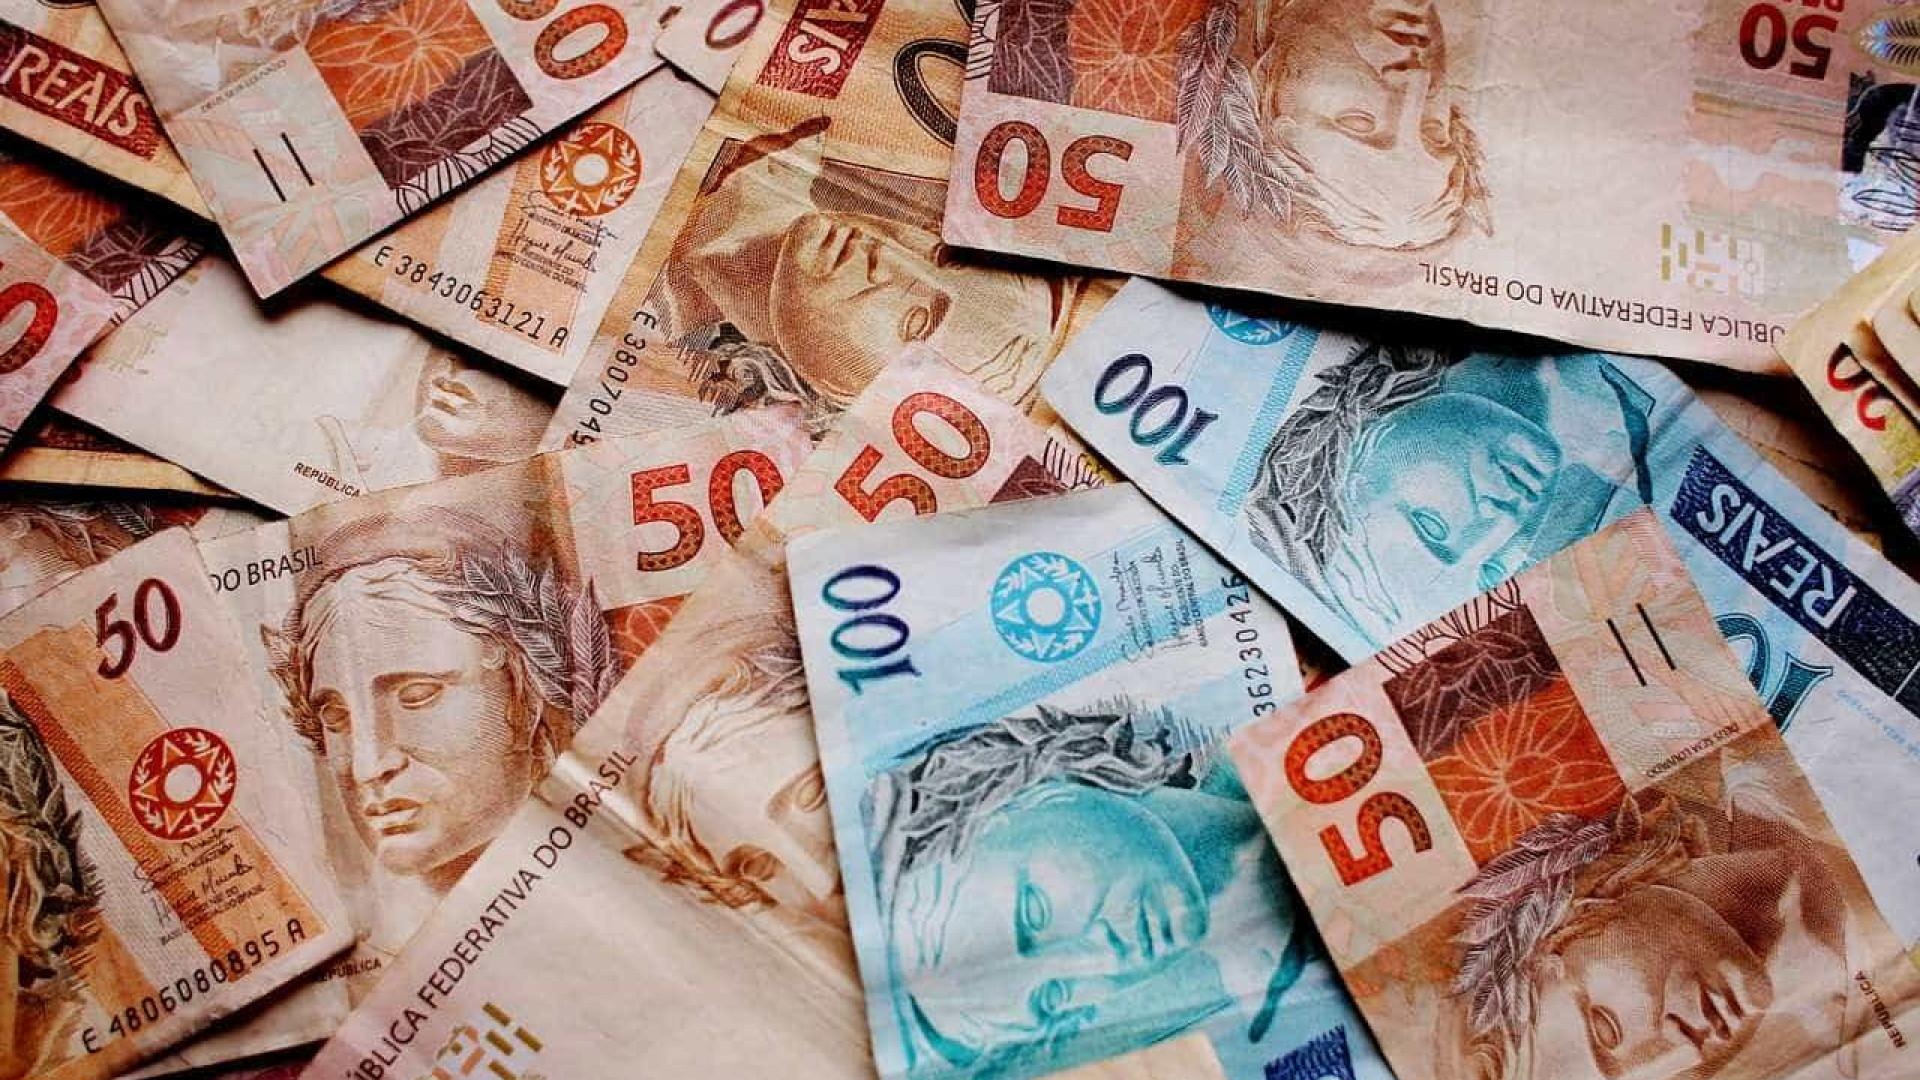 Viúva condenada a dividir prémio da lotaria com a amante do marido